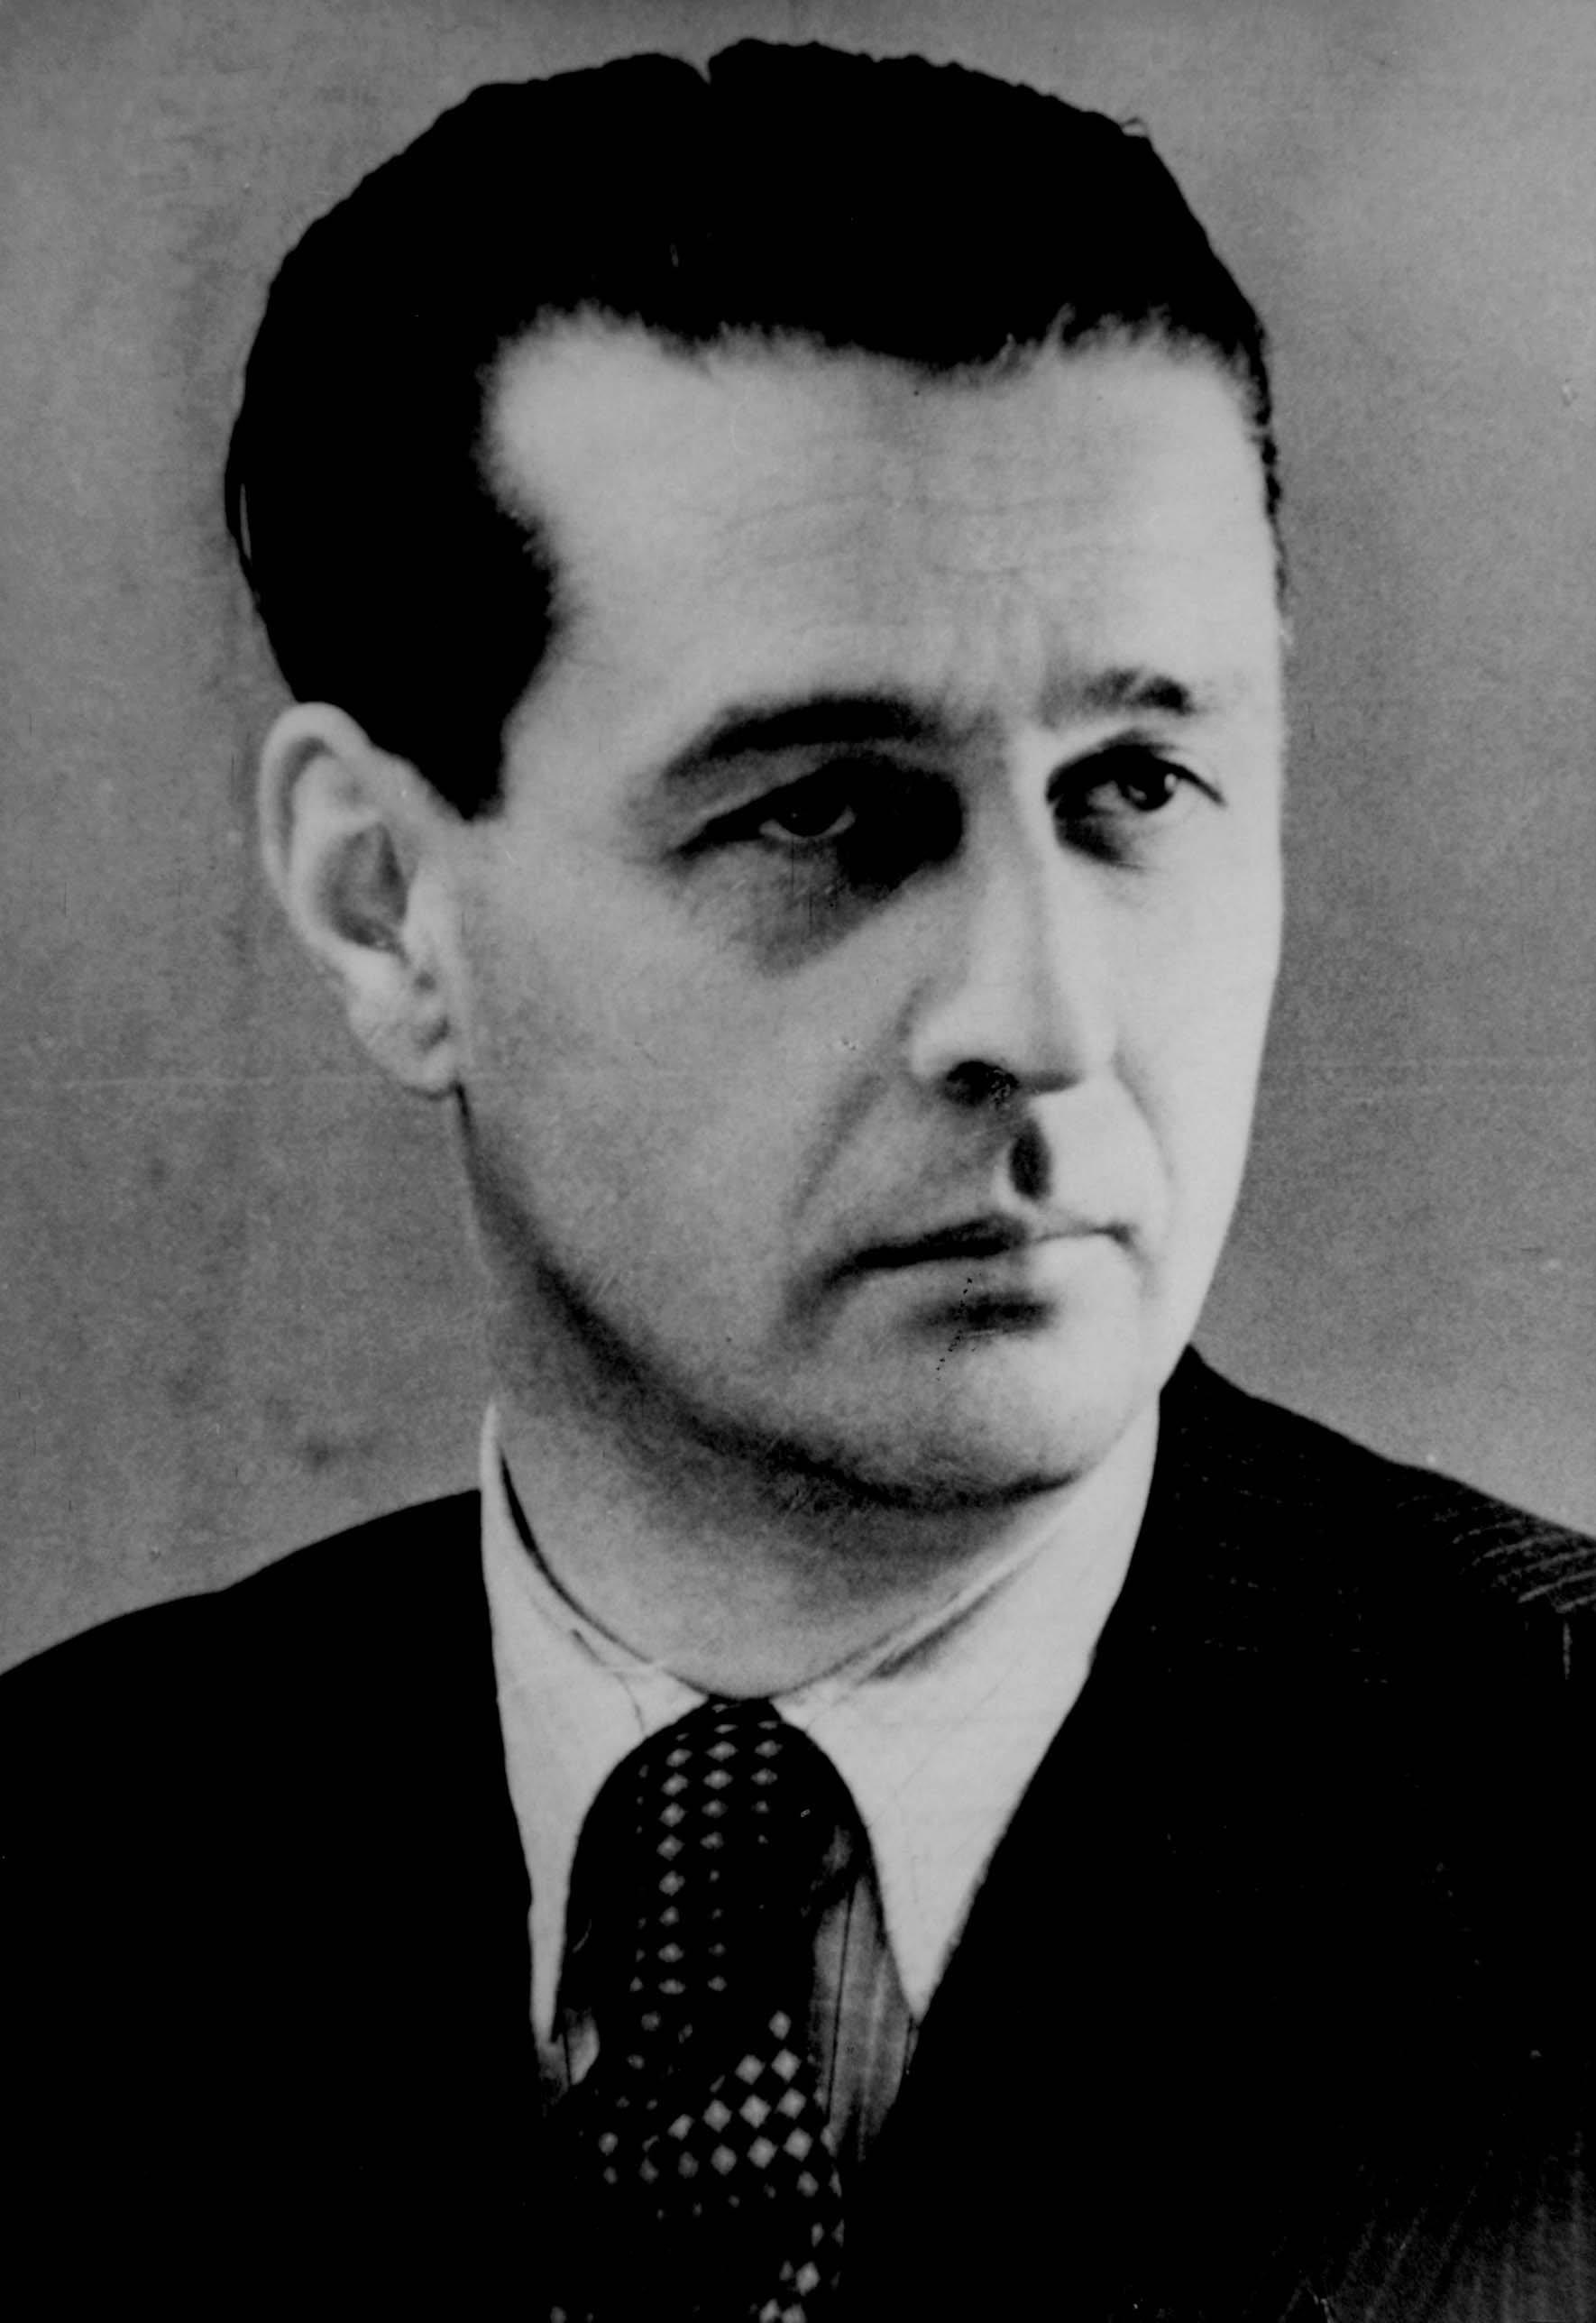 Giorgio Perlasca: italian devenit consul spaniol salvator de evrei unguri